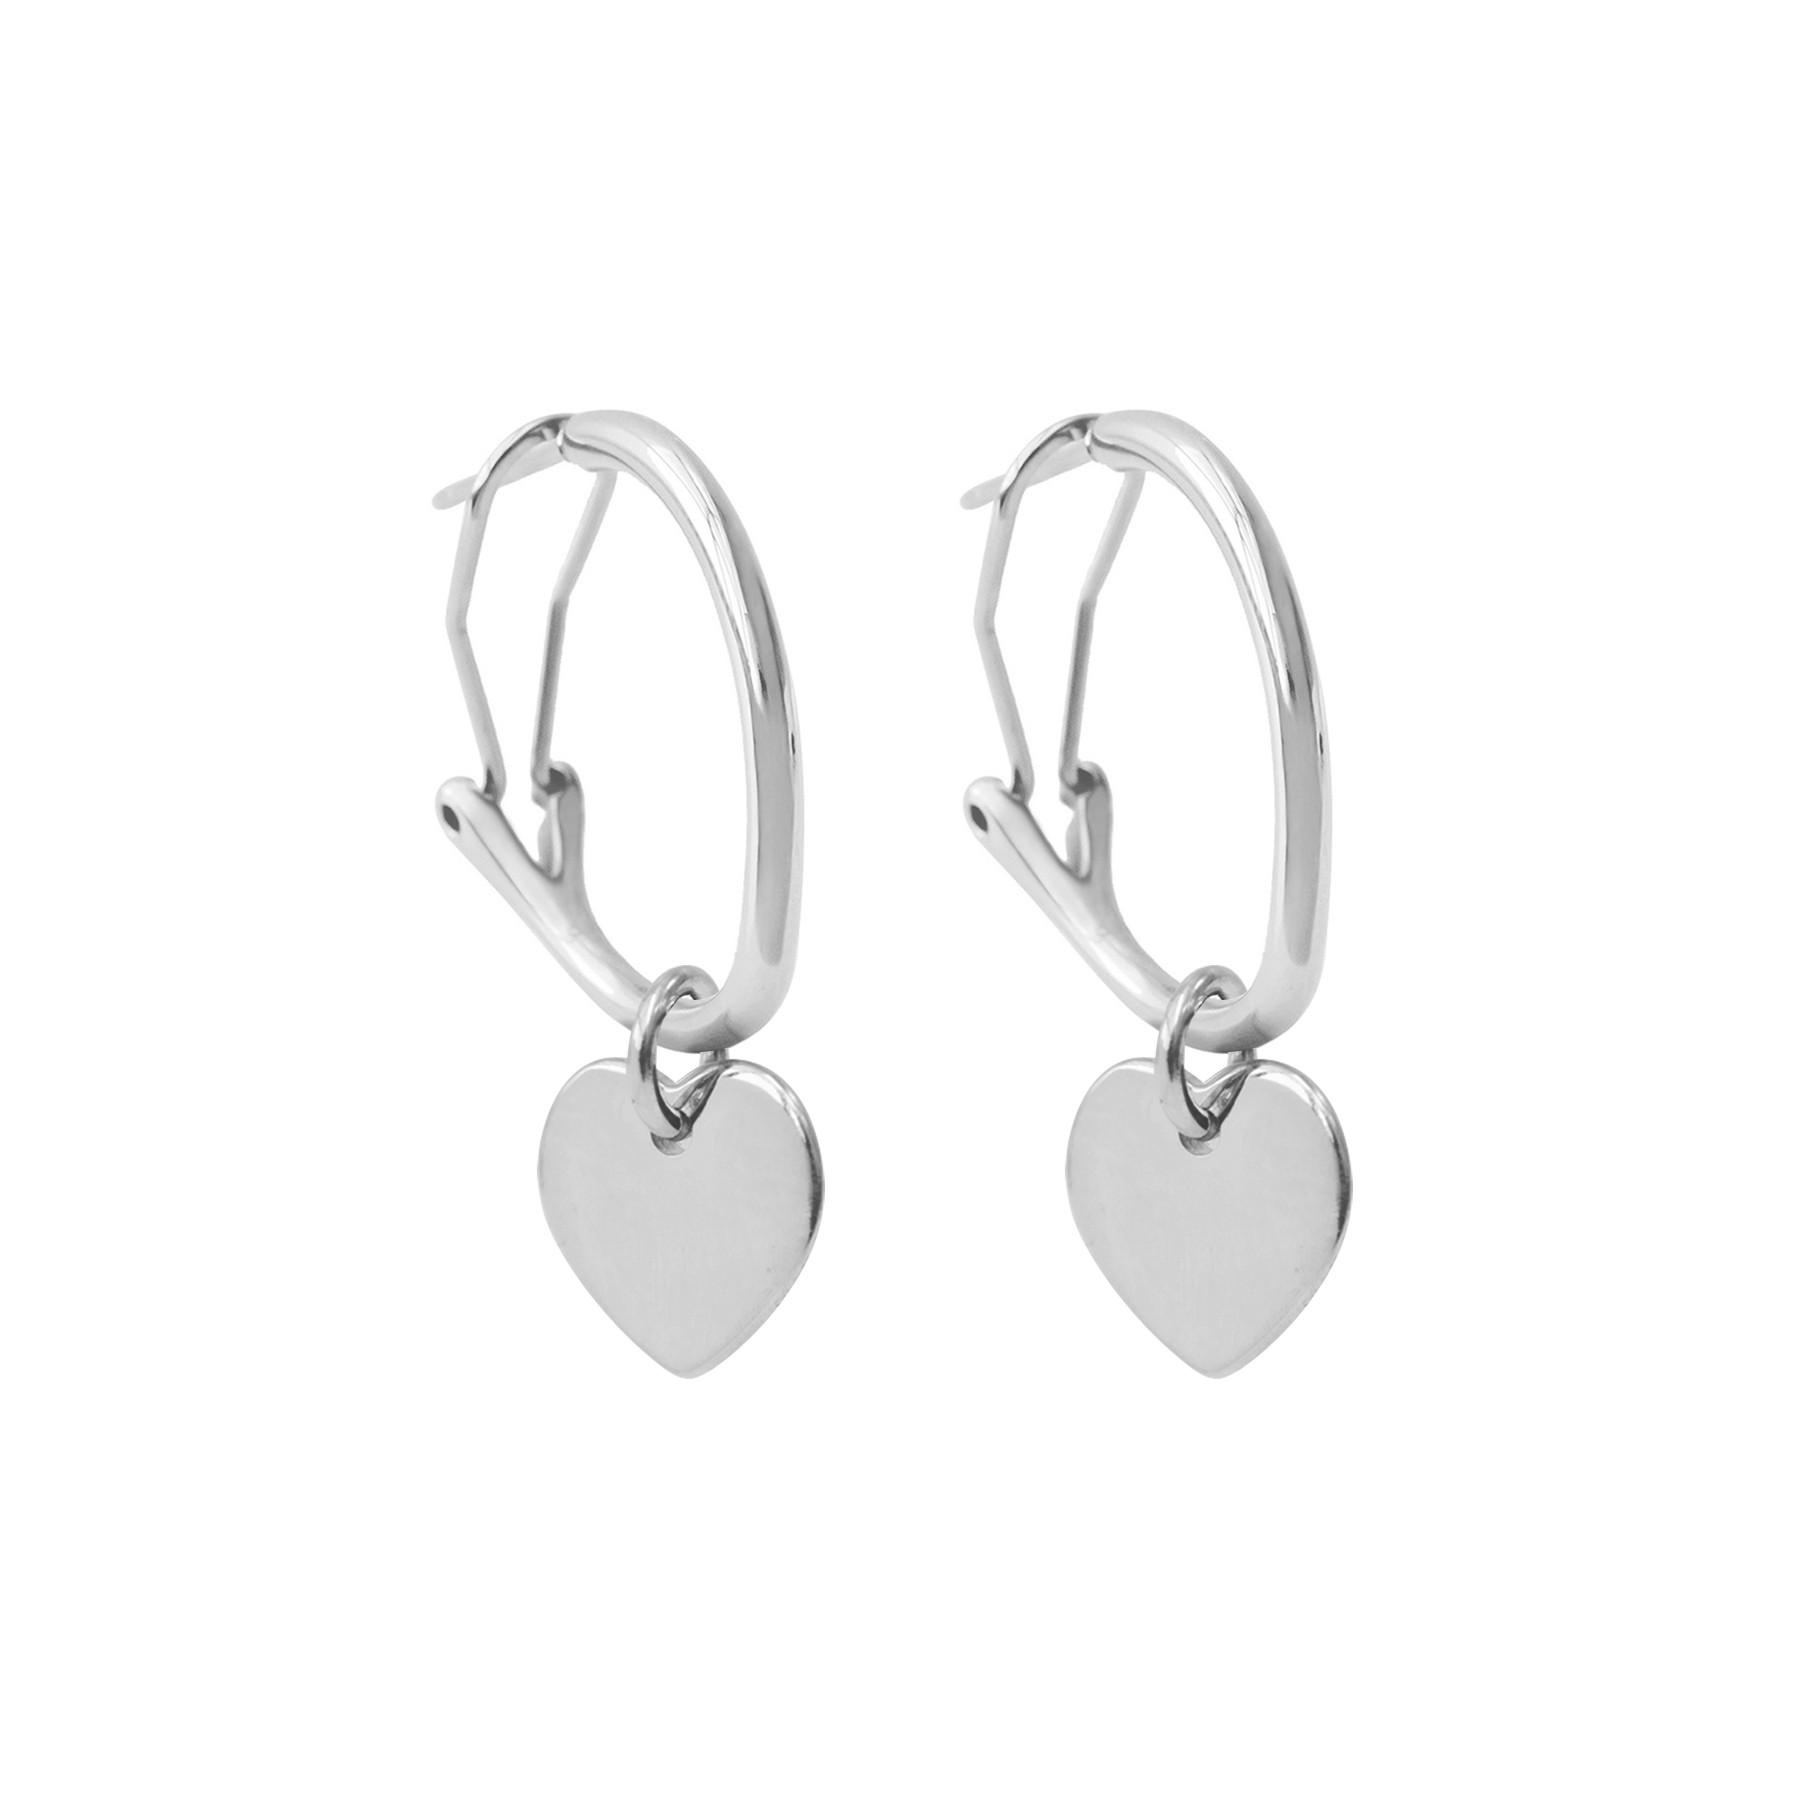 Boucles d'oreilles créoles 2 cm avec coeurs, plaqué argent/argent